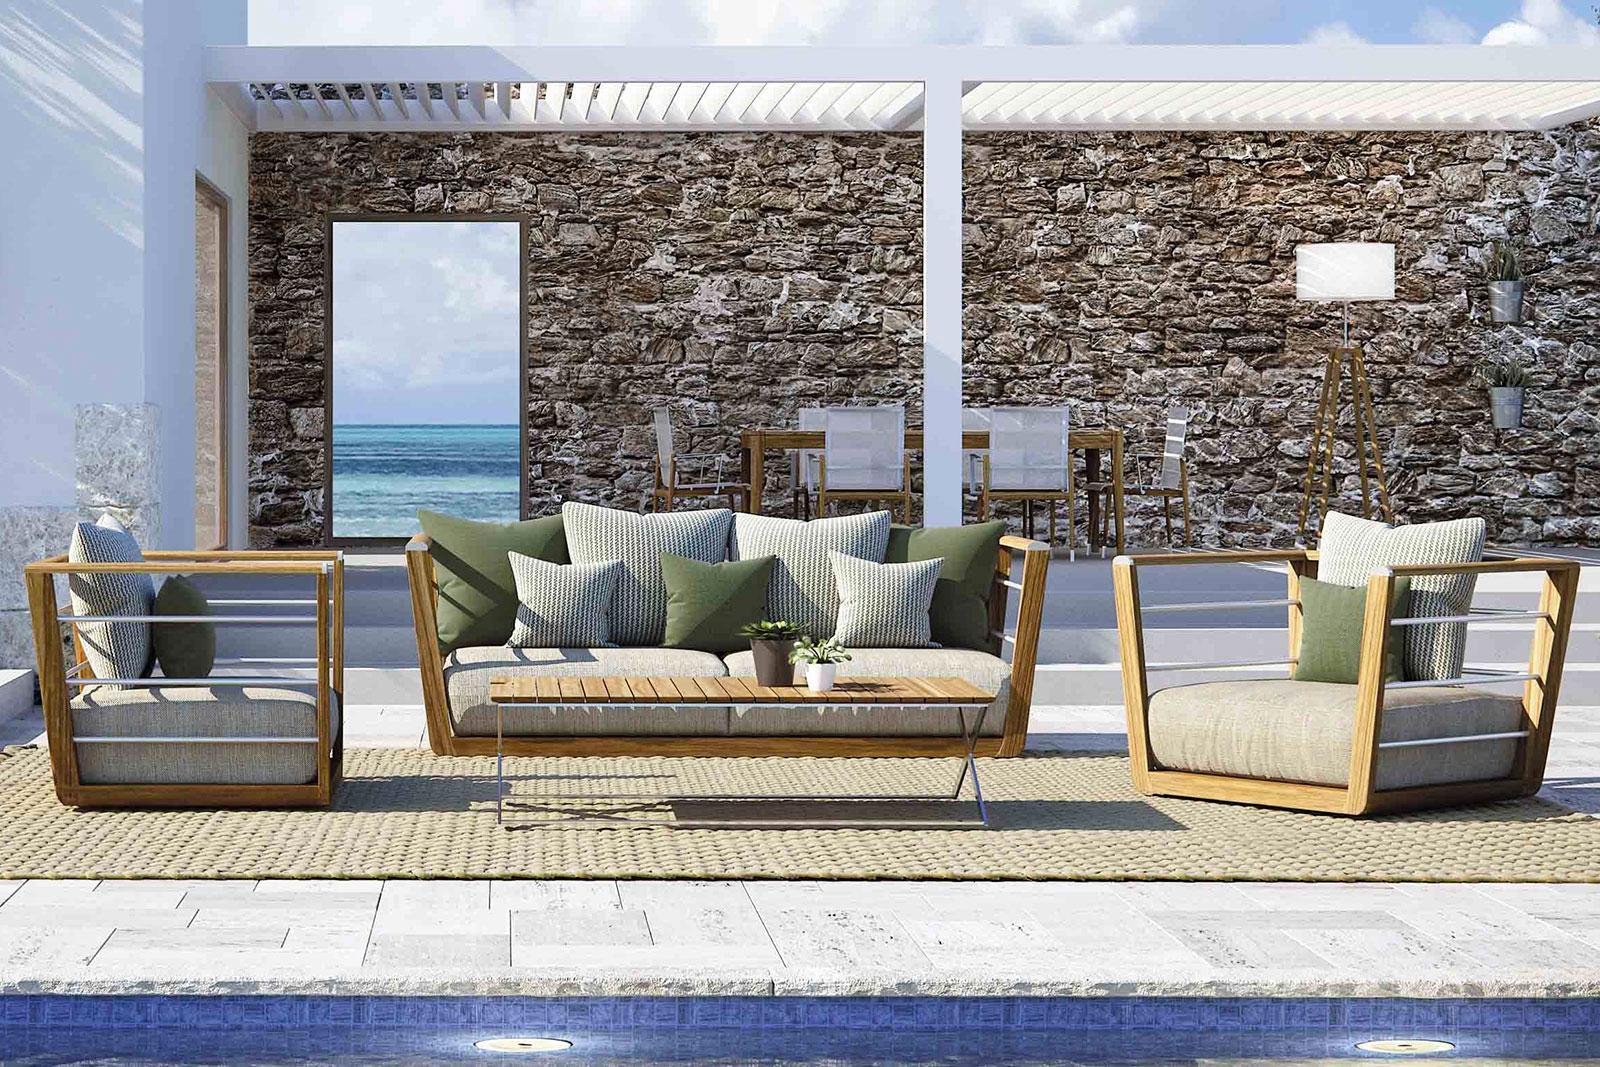 Abbraccio salotto da giardino in teak vendita online italy dream design - Salotti da giardino ikea ...